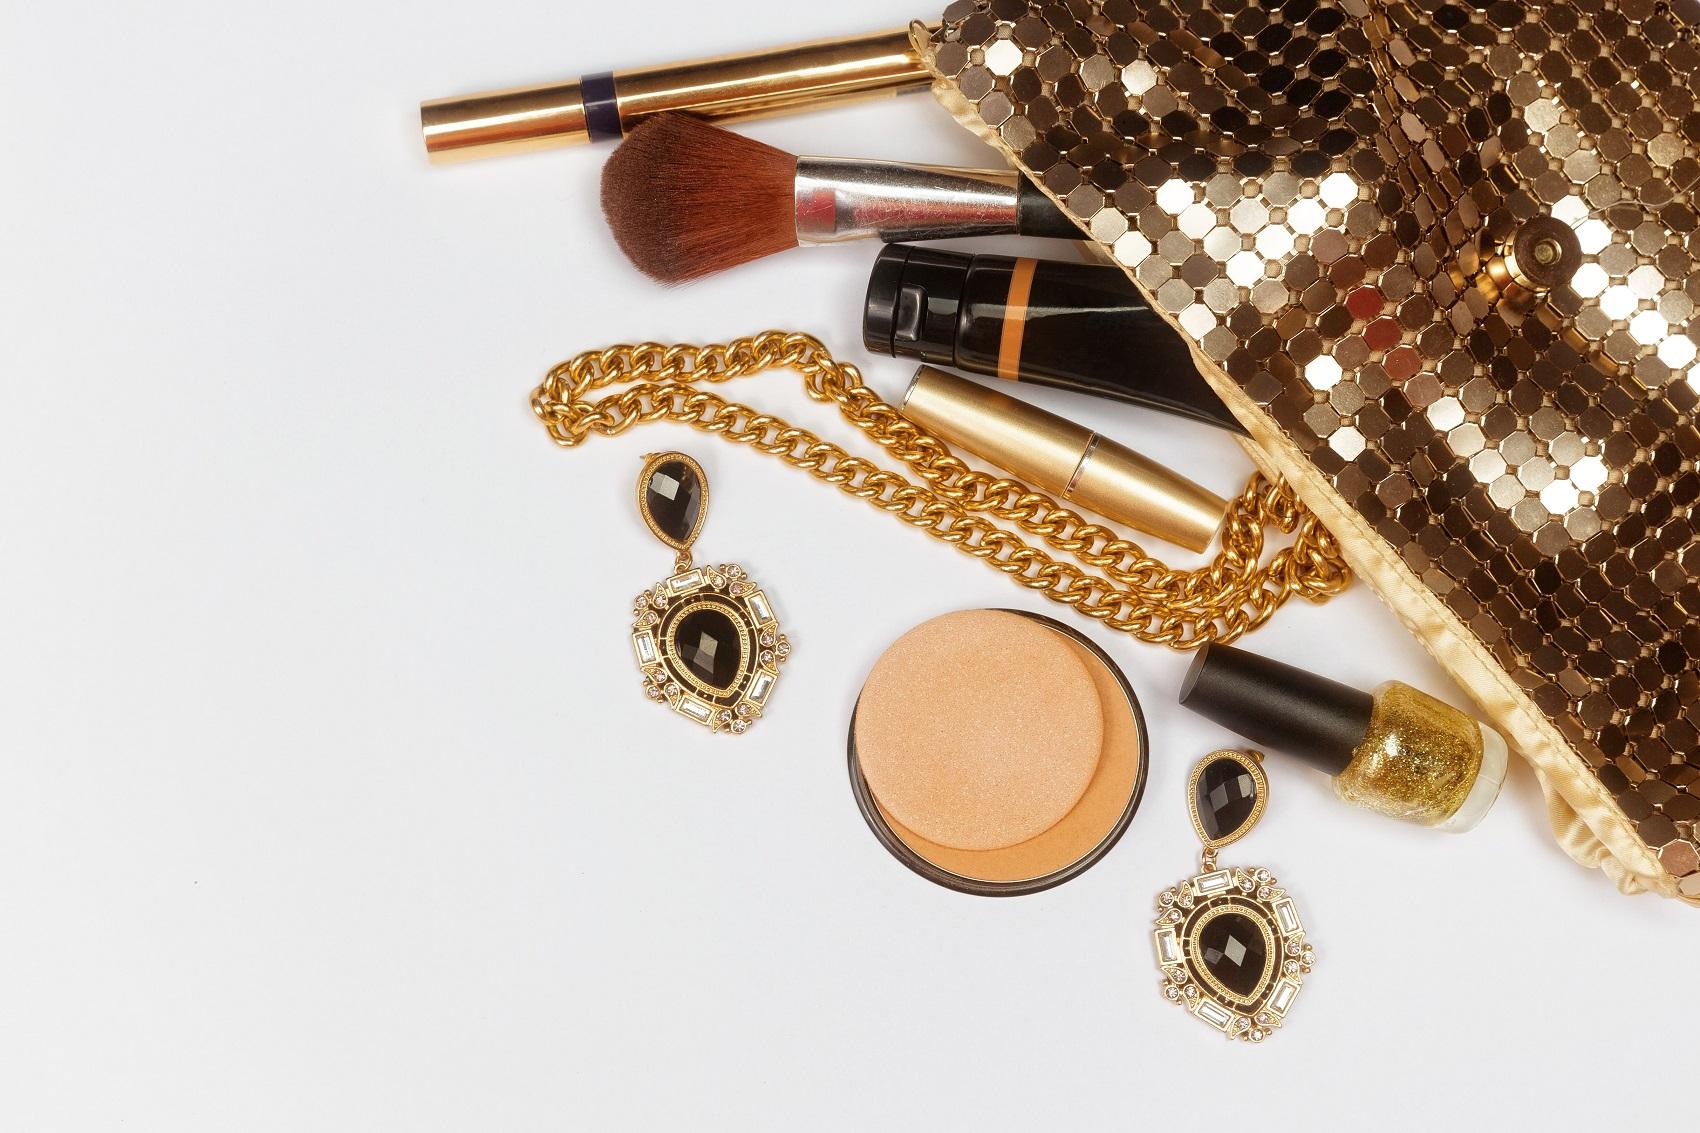 Zabierz ze sobą kosmetyki do ewentualnych poprawek w trakcie imprezy